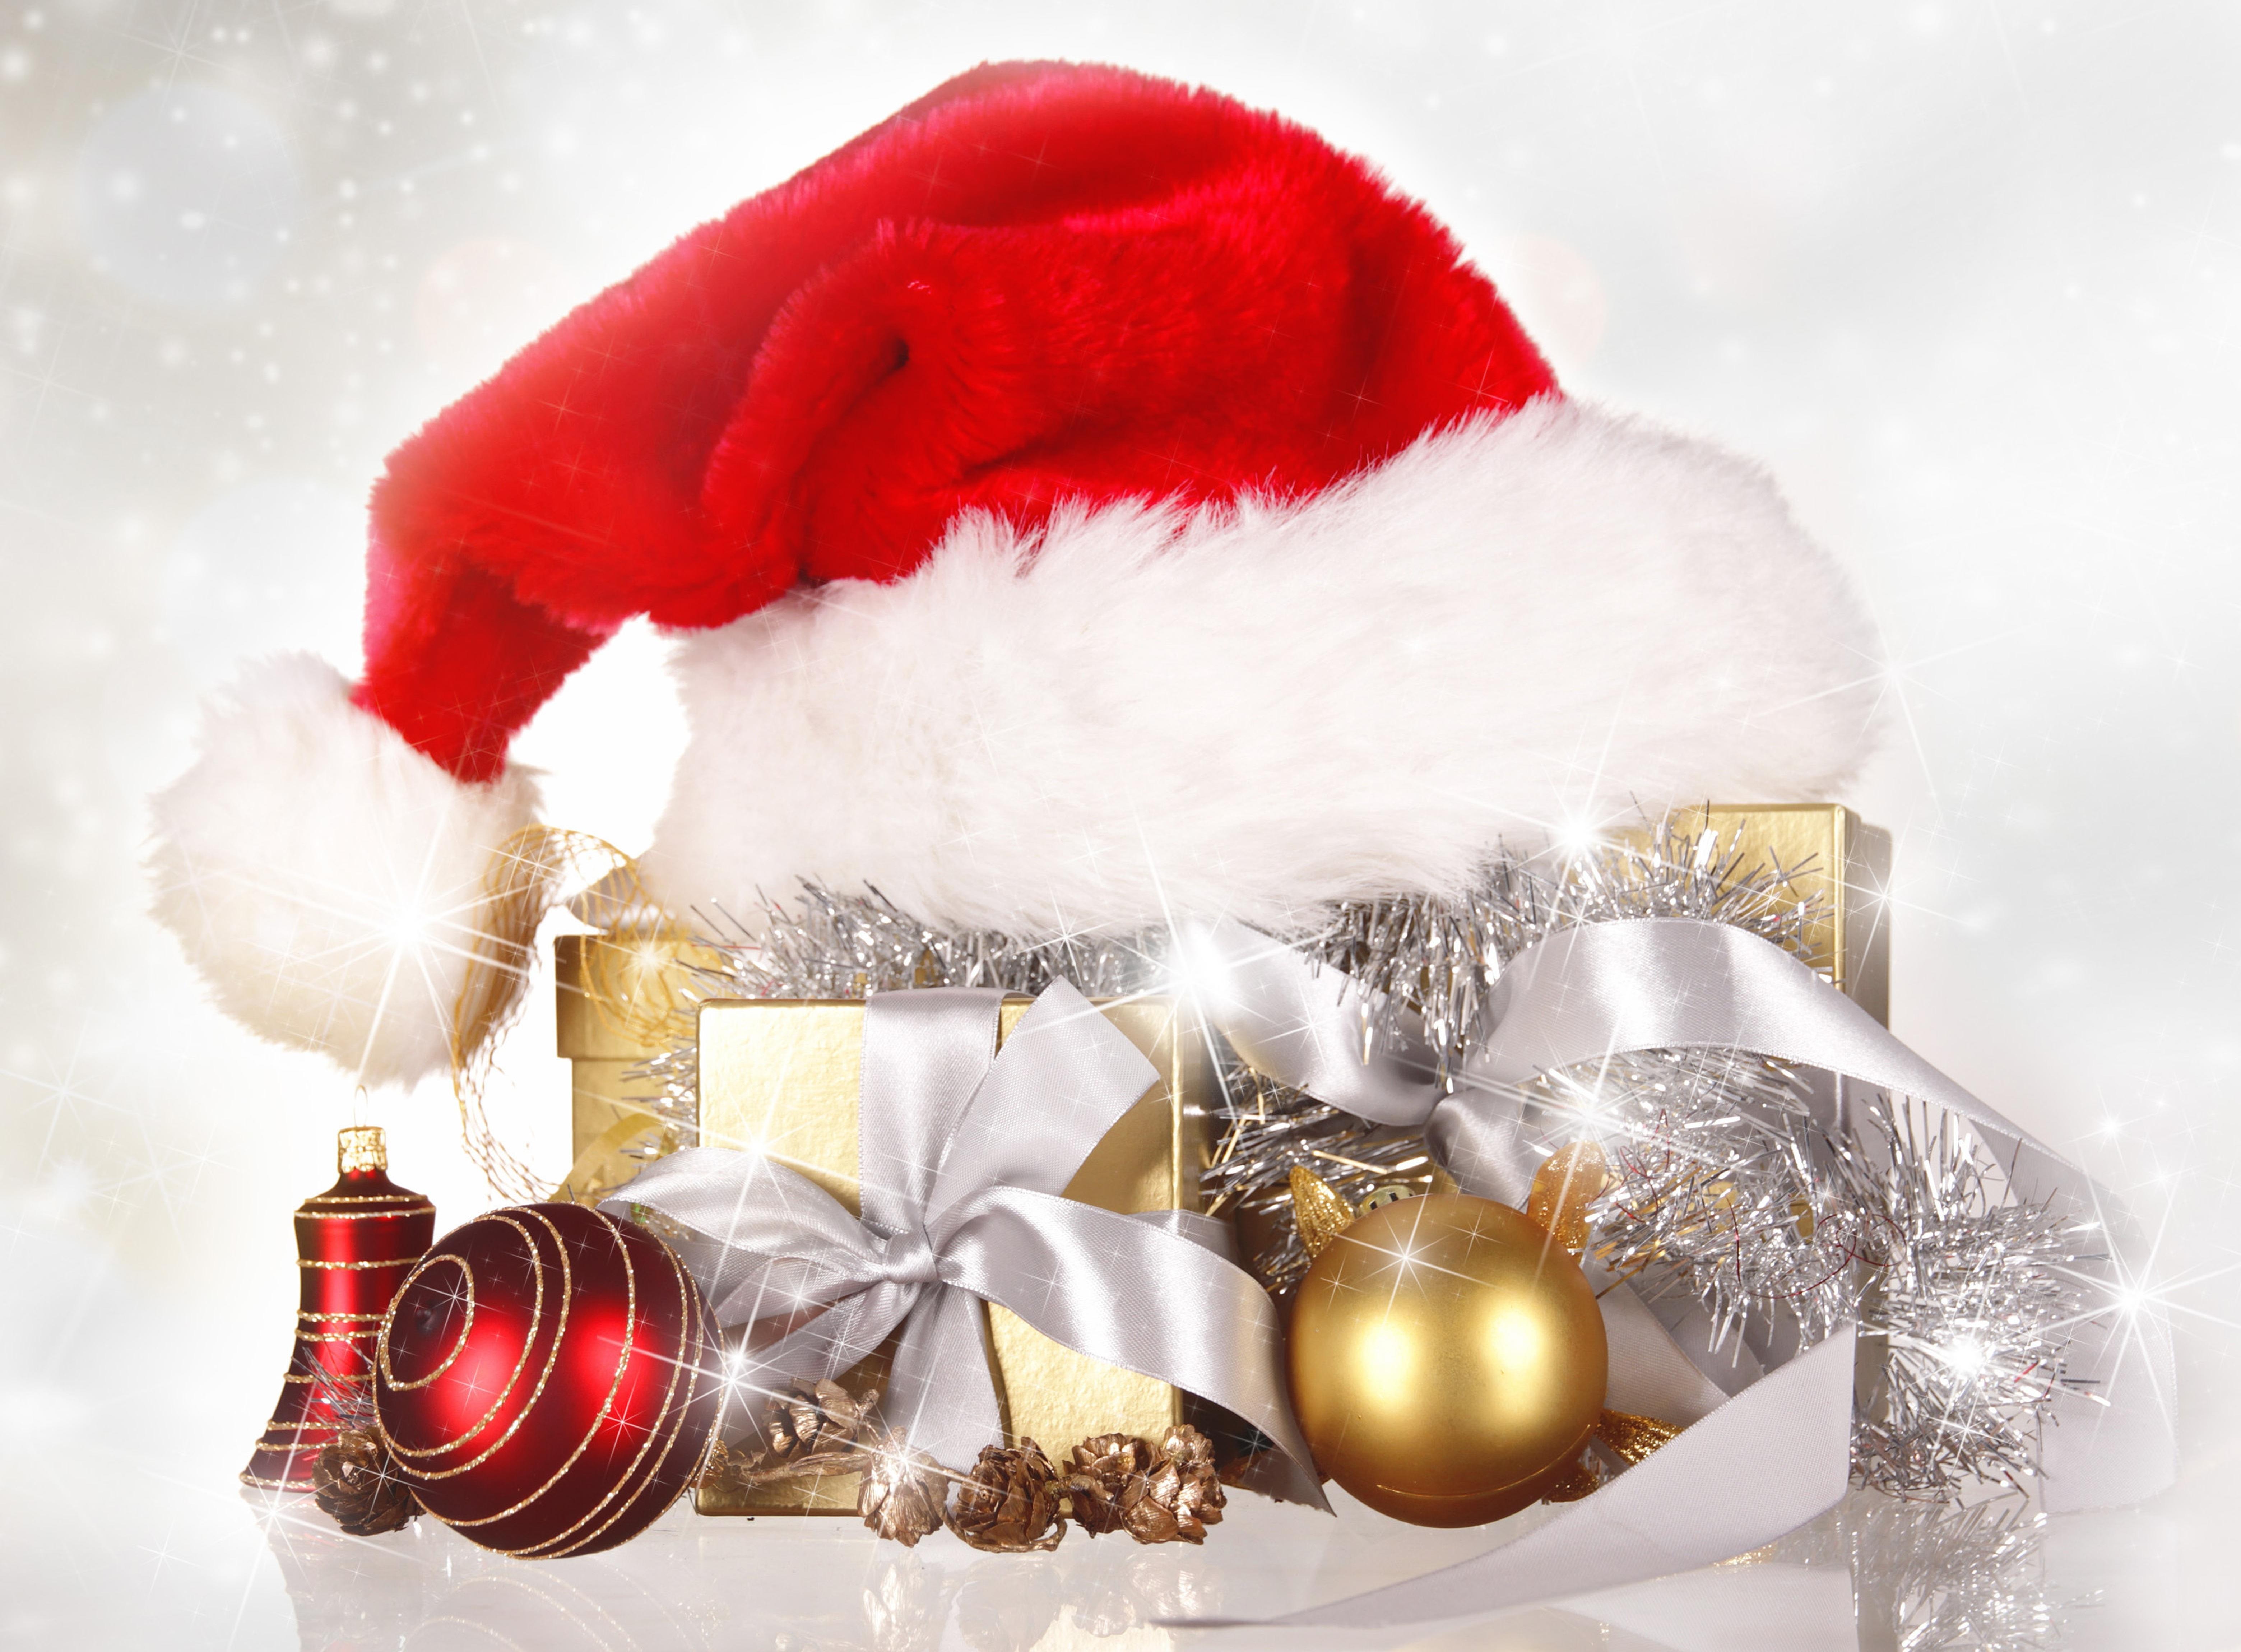 Картинка подарочные новогодние, добрым утром приятных